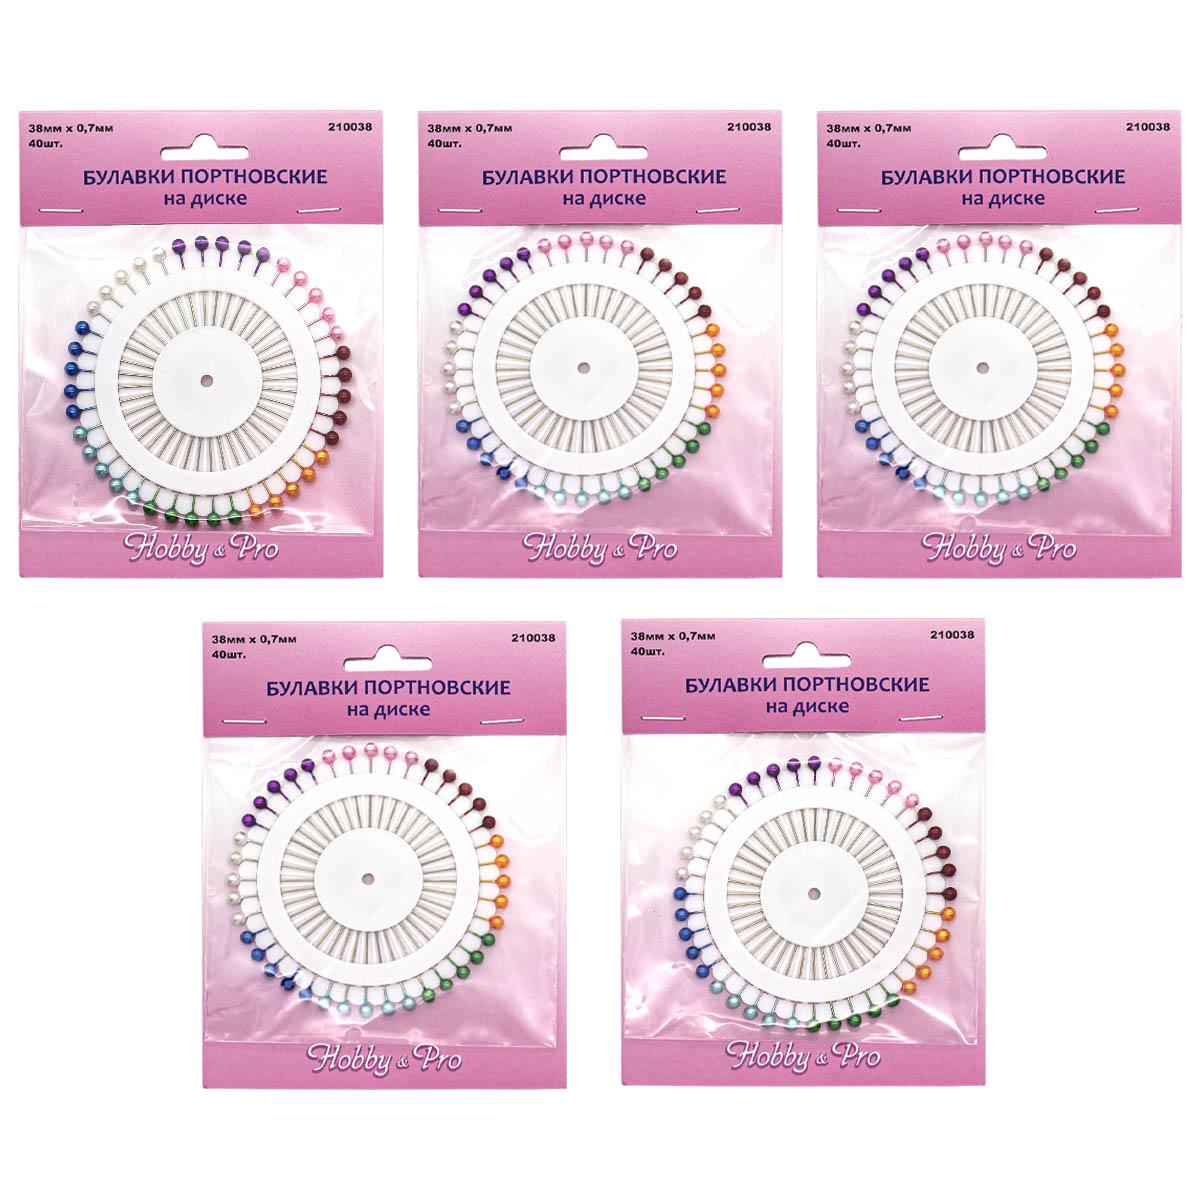 Булавки портновские на диске 40шт. 210038, Hobby&Pro